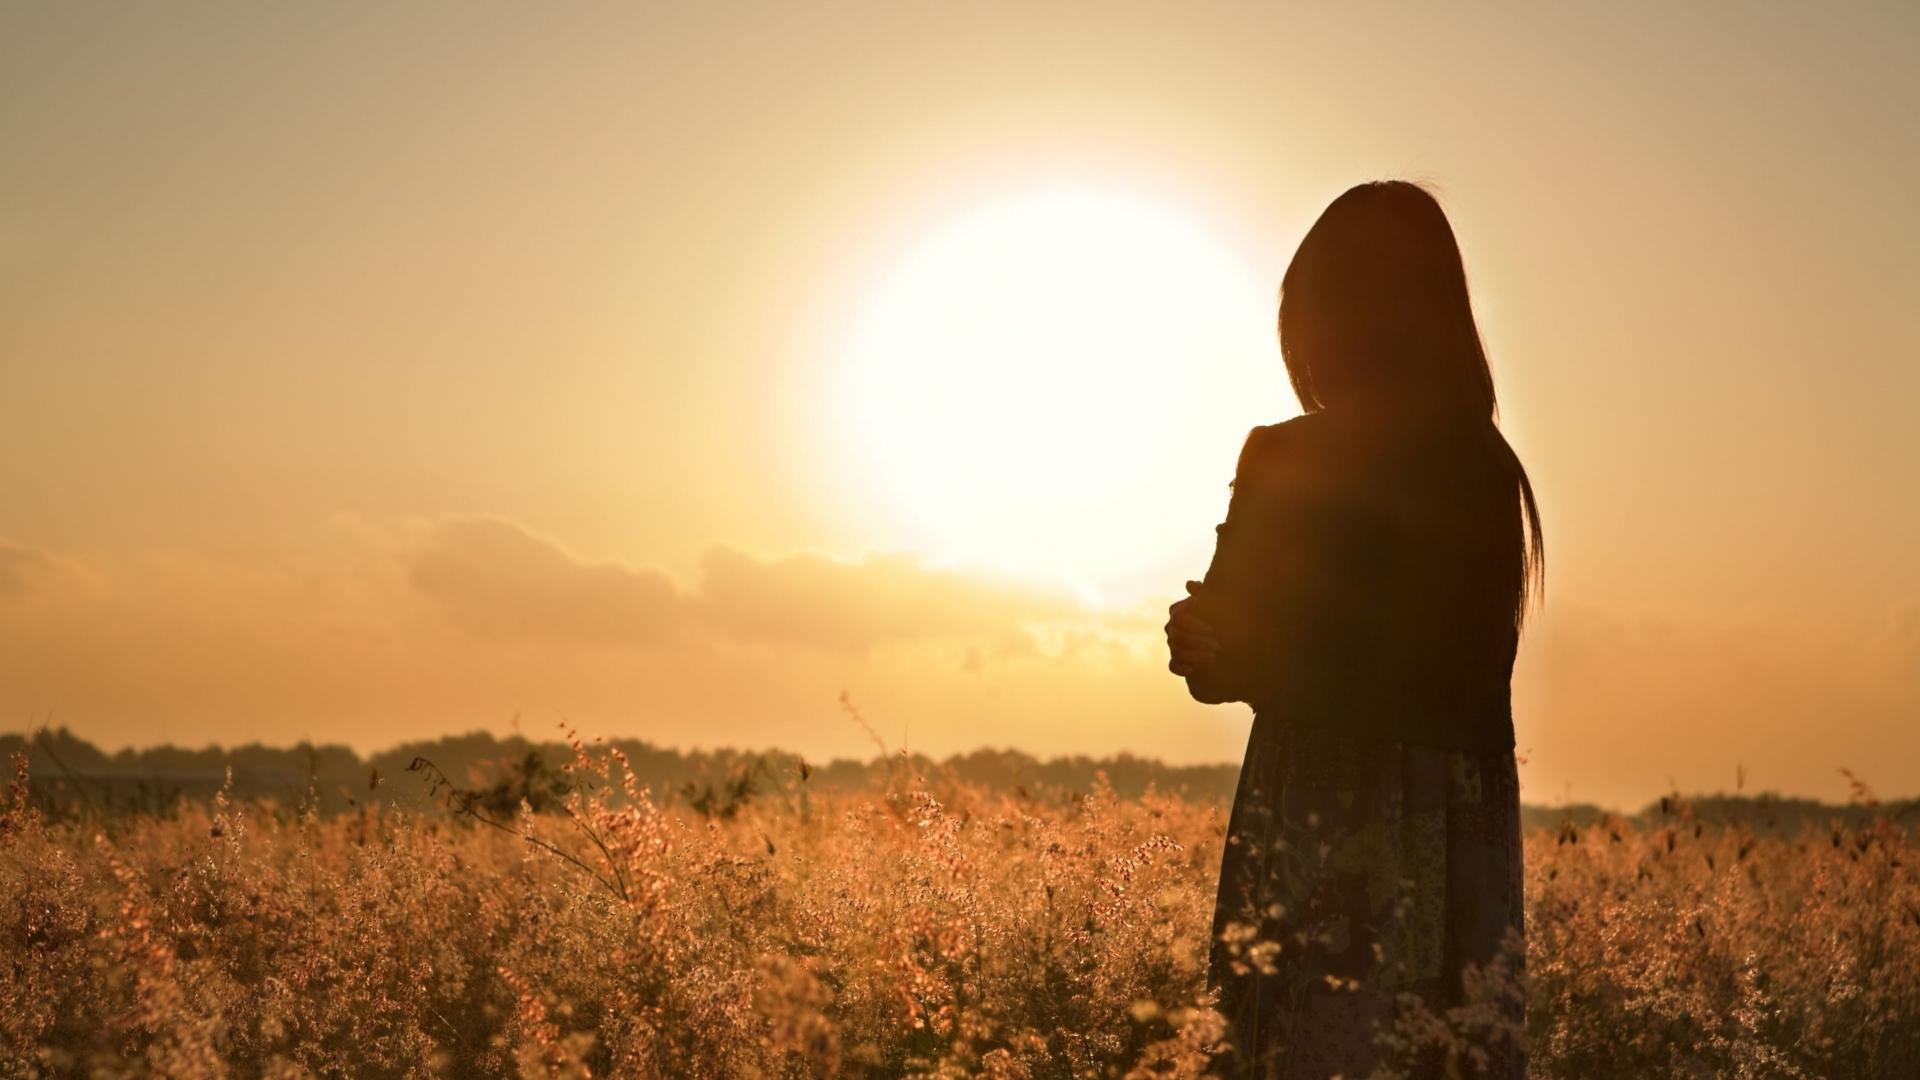 Hình ảnh người con gái cô đơn